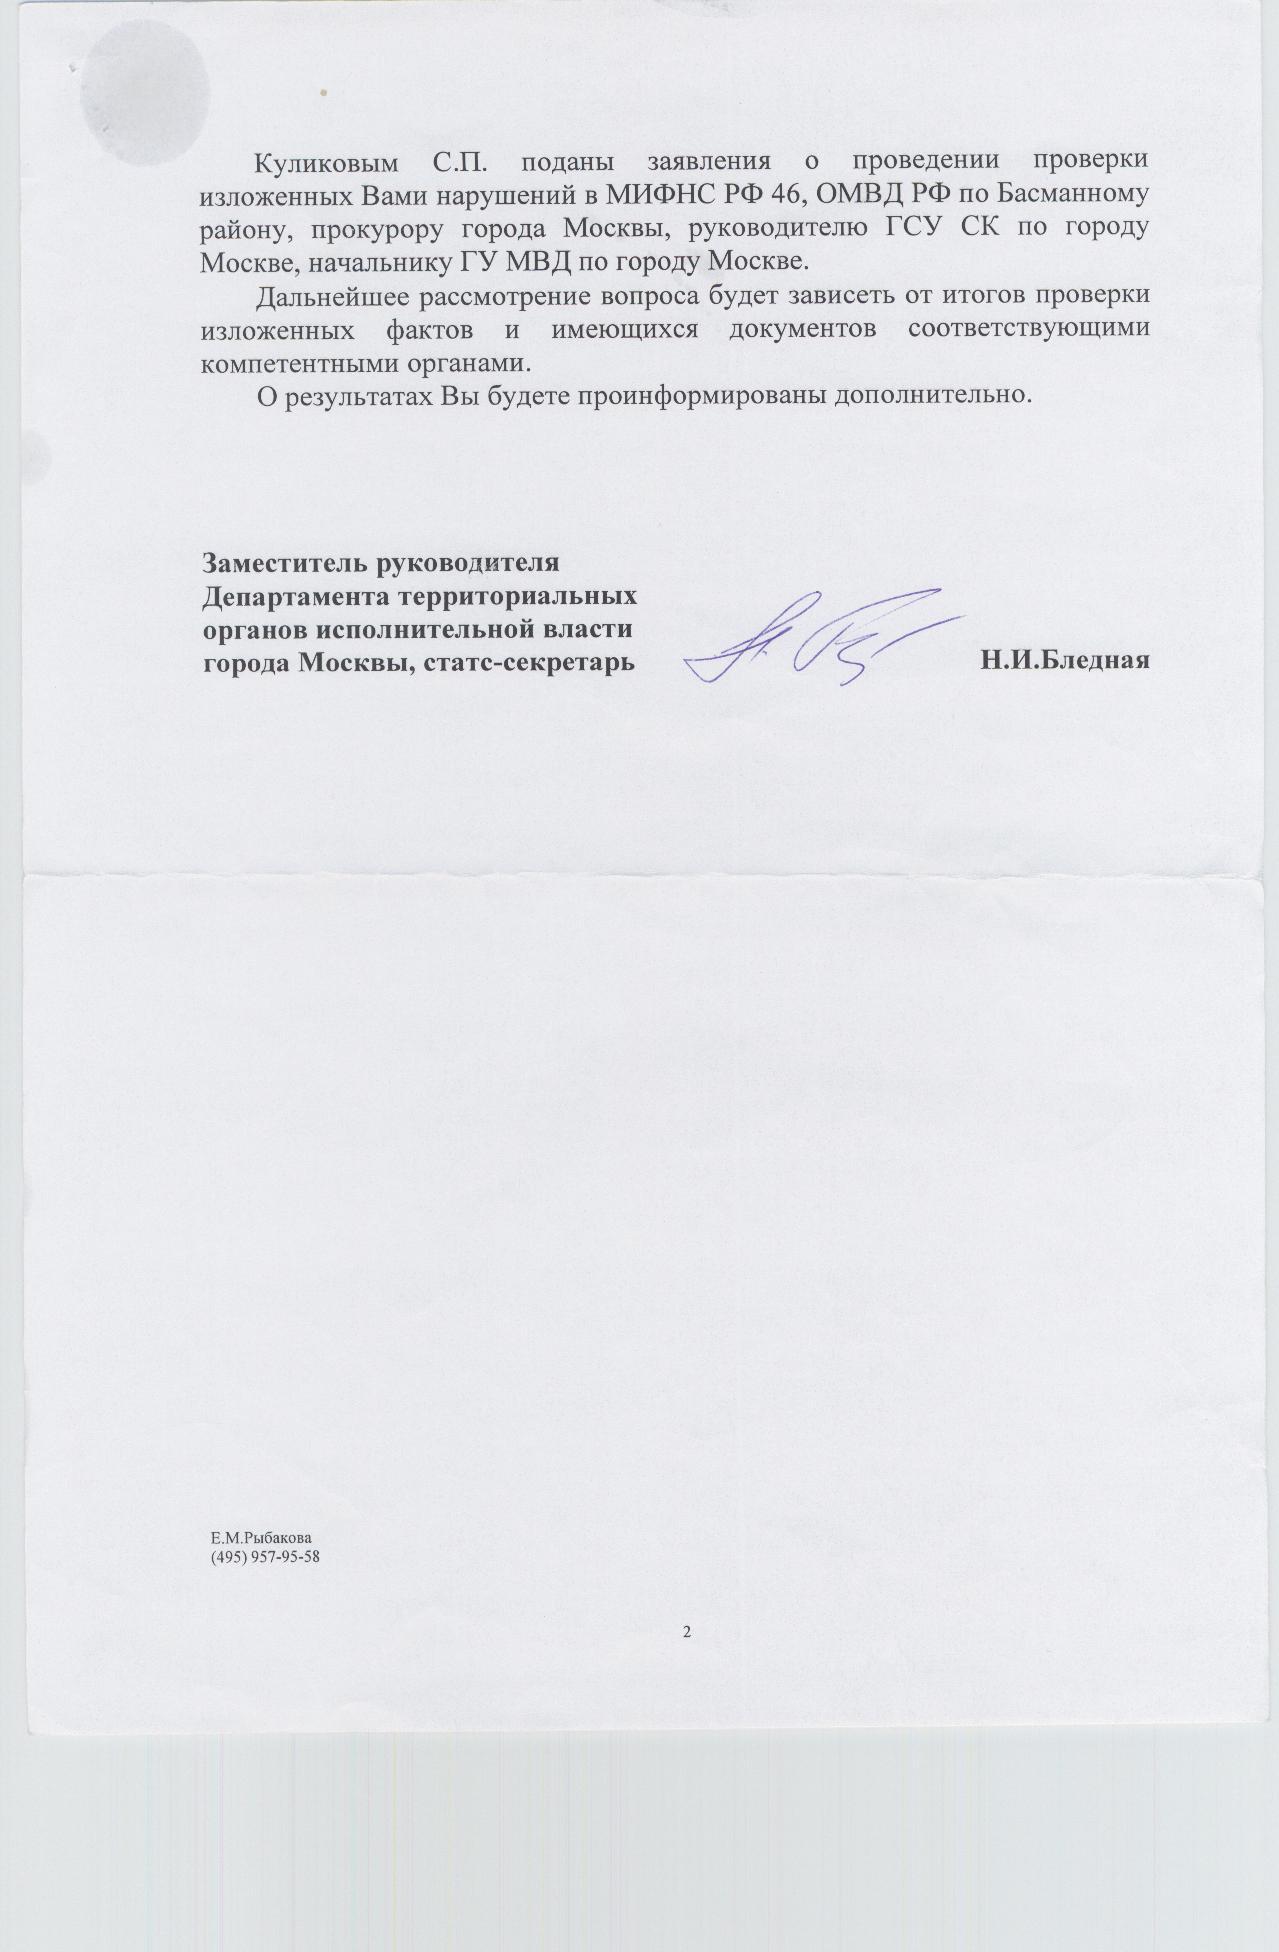 ответ ДТОИВ  по куликову   25.10.13 002